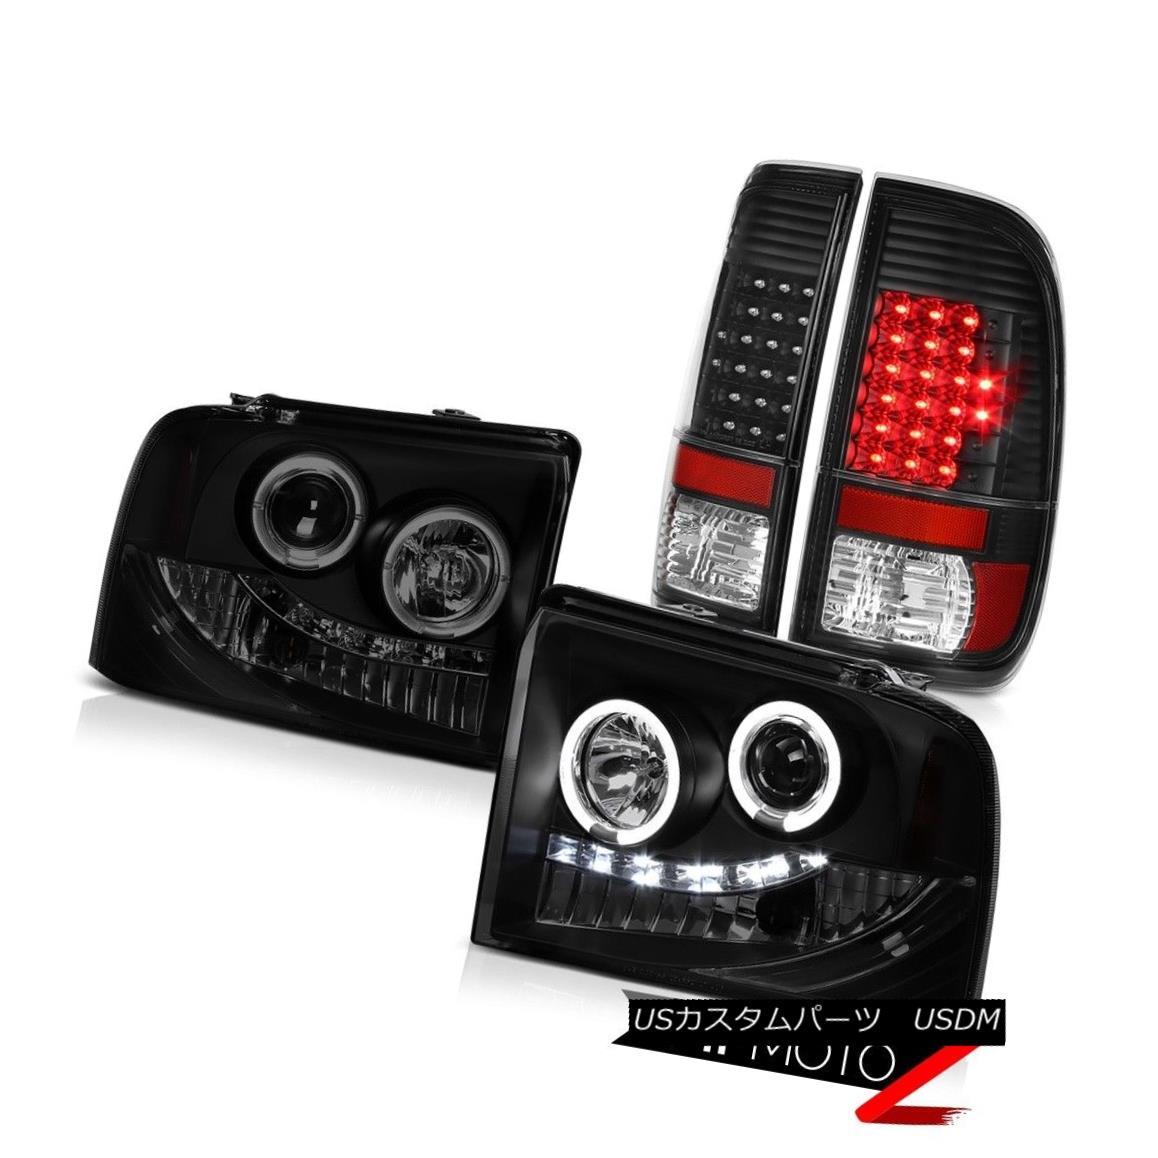 テールライト L.E.D Projector DRL Headlights Black LED Tail Lights 2005 2006 2007 Ford F350 L.E.DプロジェクターDRLヘッドライトブラックLEDテールライト2005 2006 2007 Ford F350